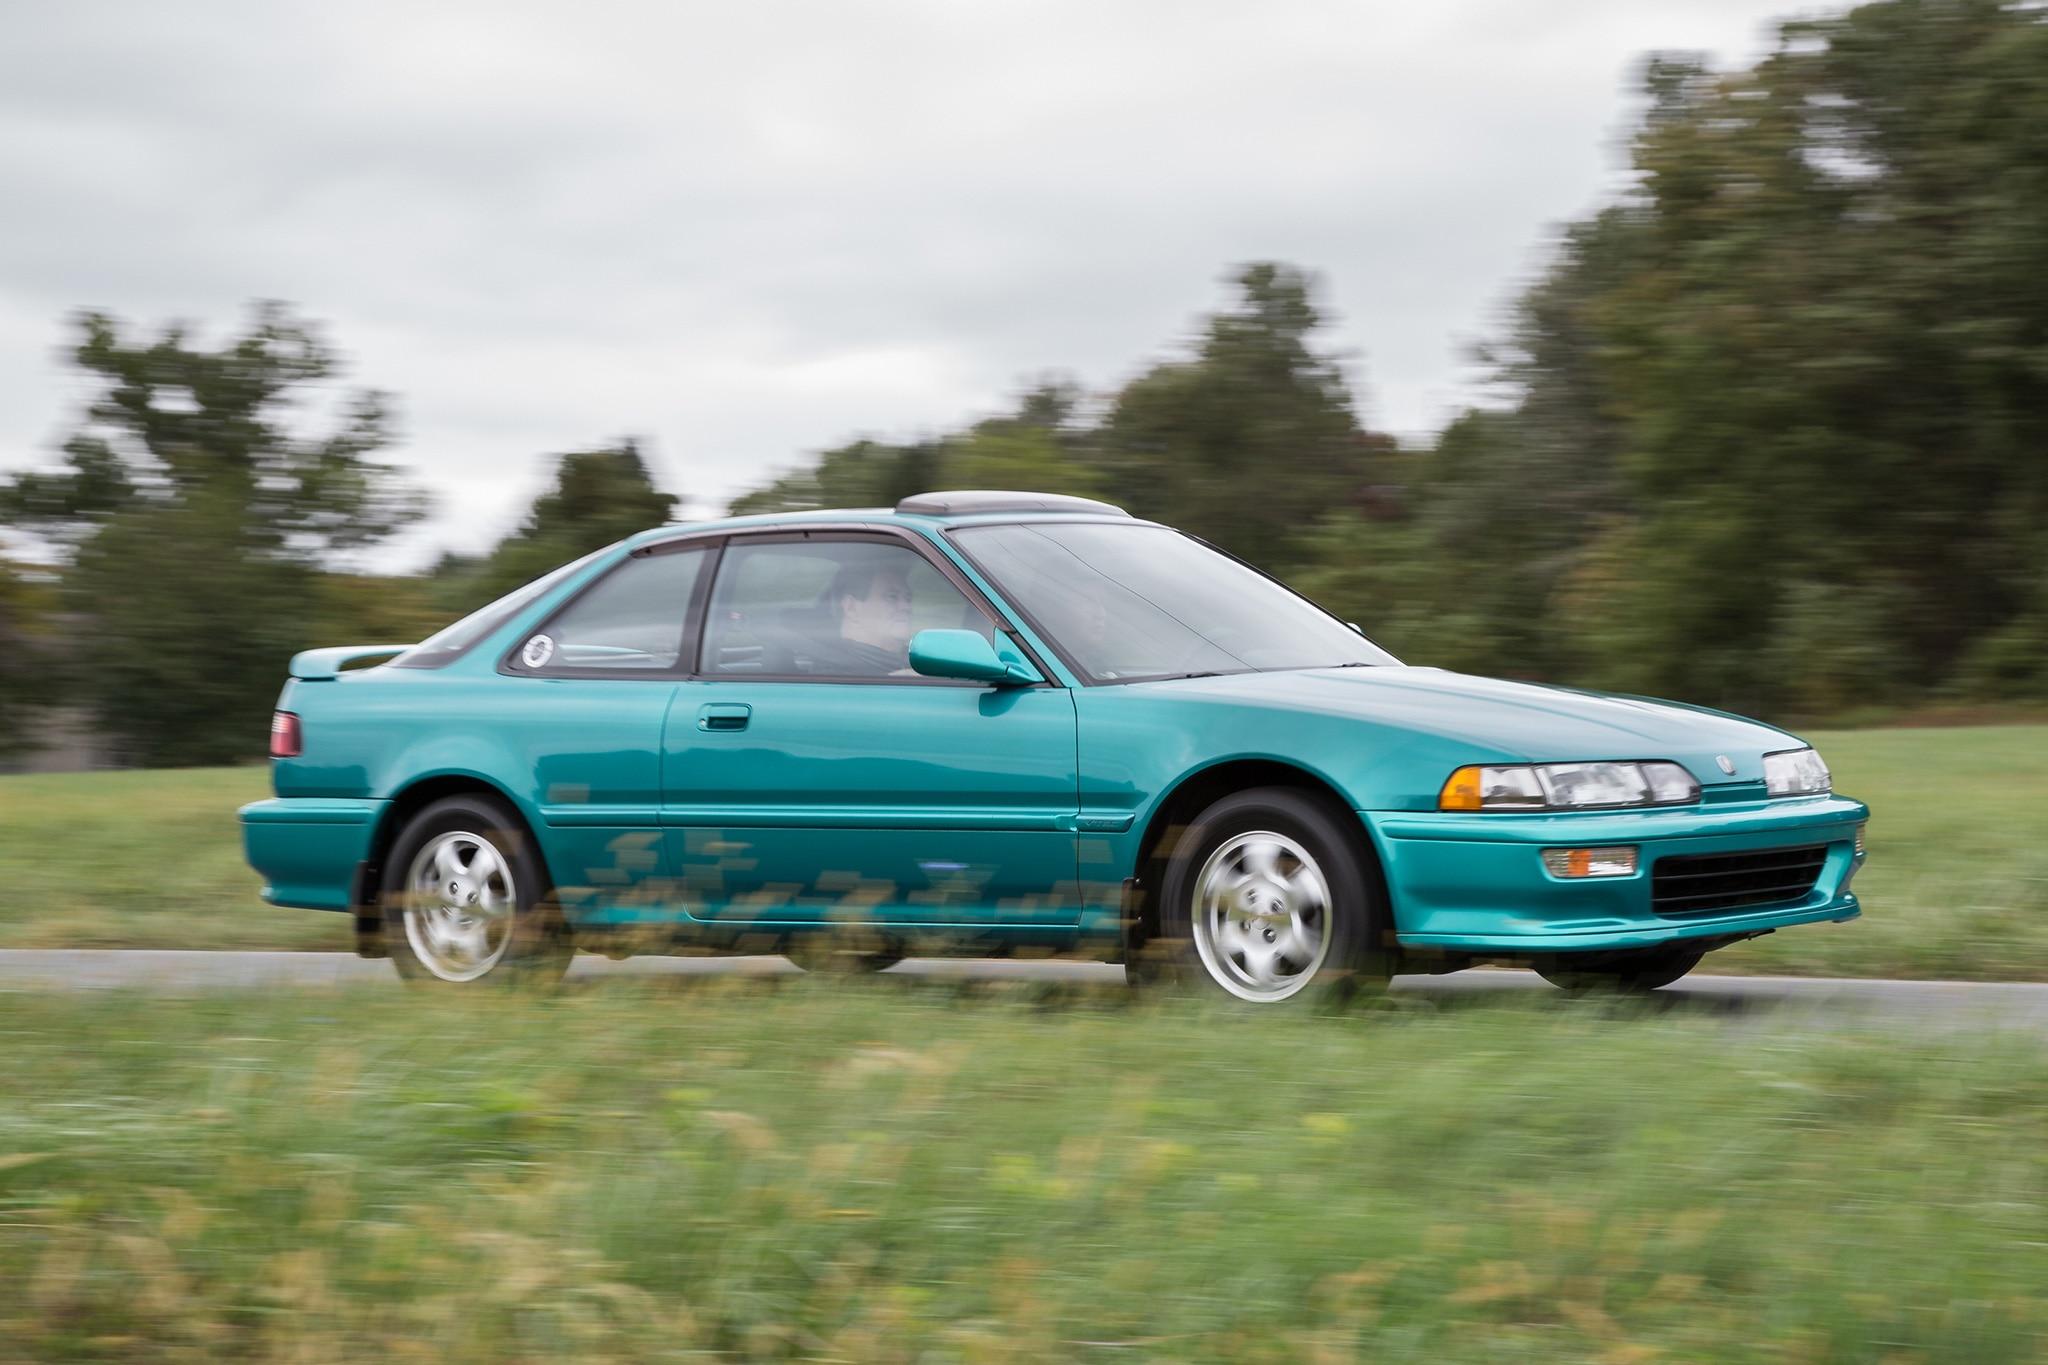 Acura Integra Gs R Front Three Quarter In Motion on 1992 Acura Integra Gsr